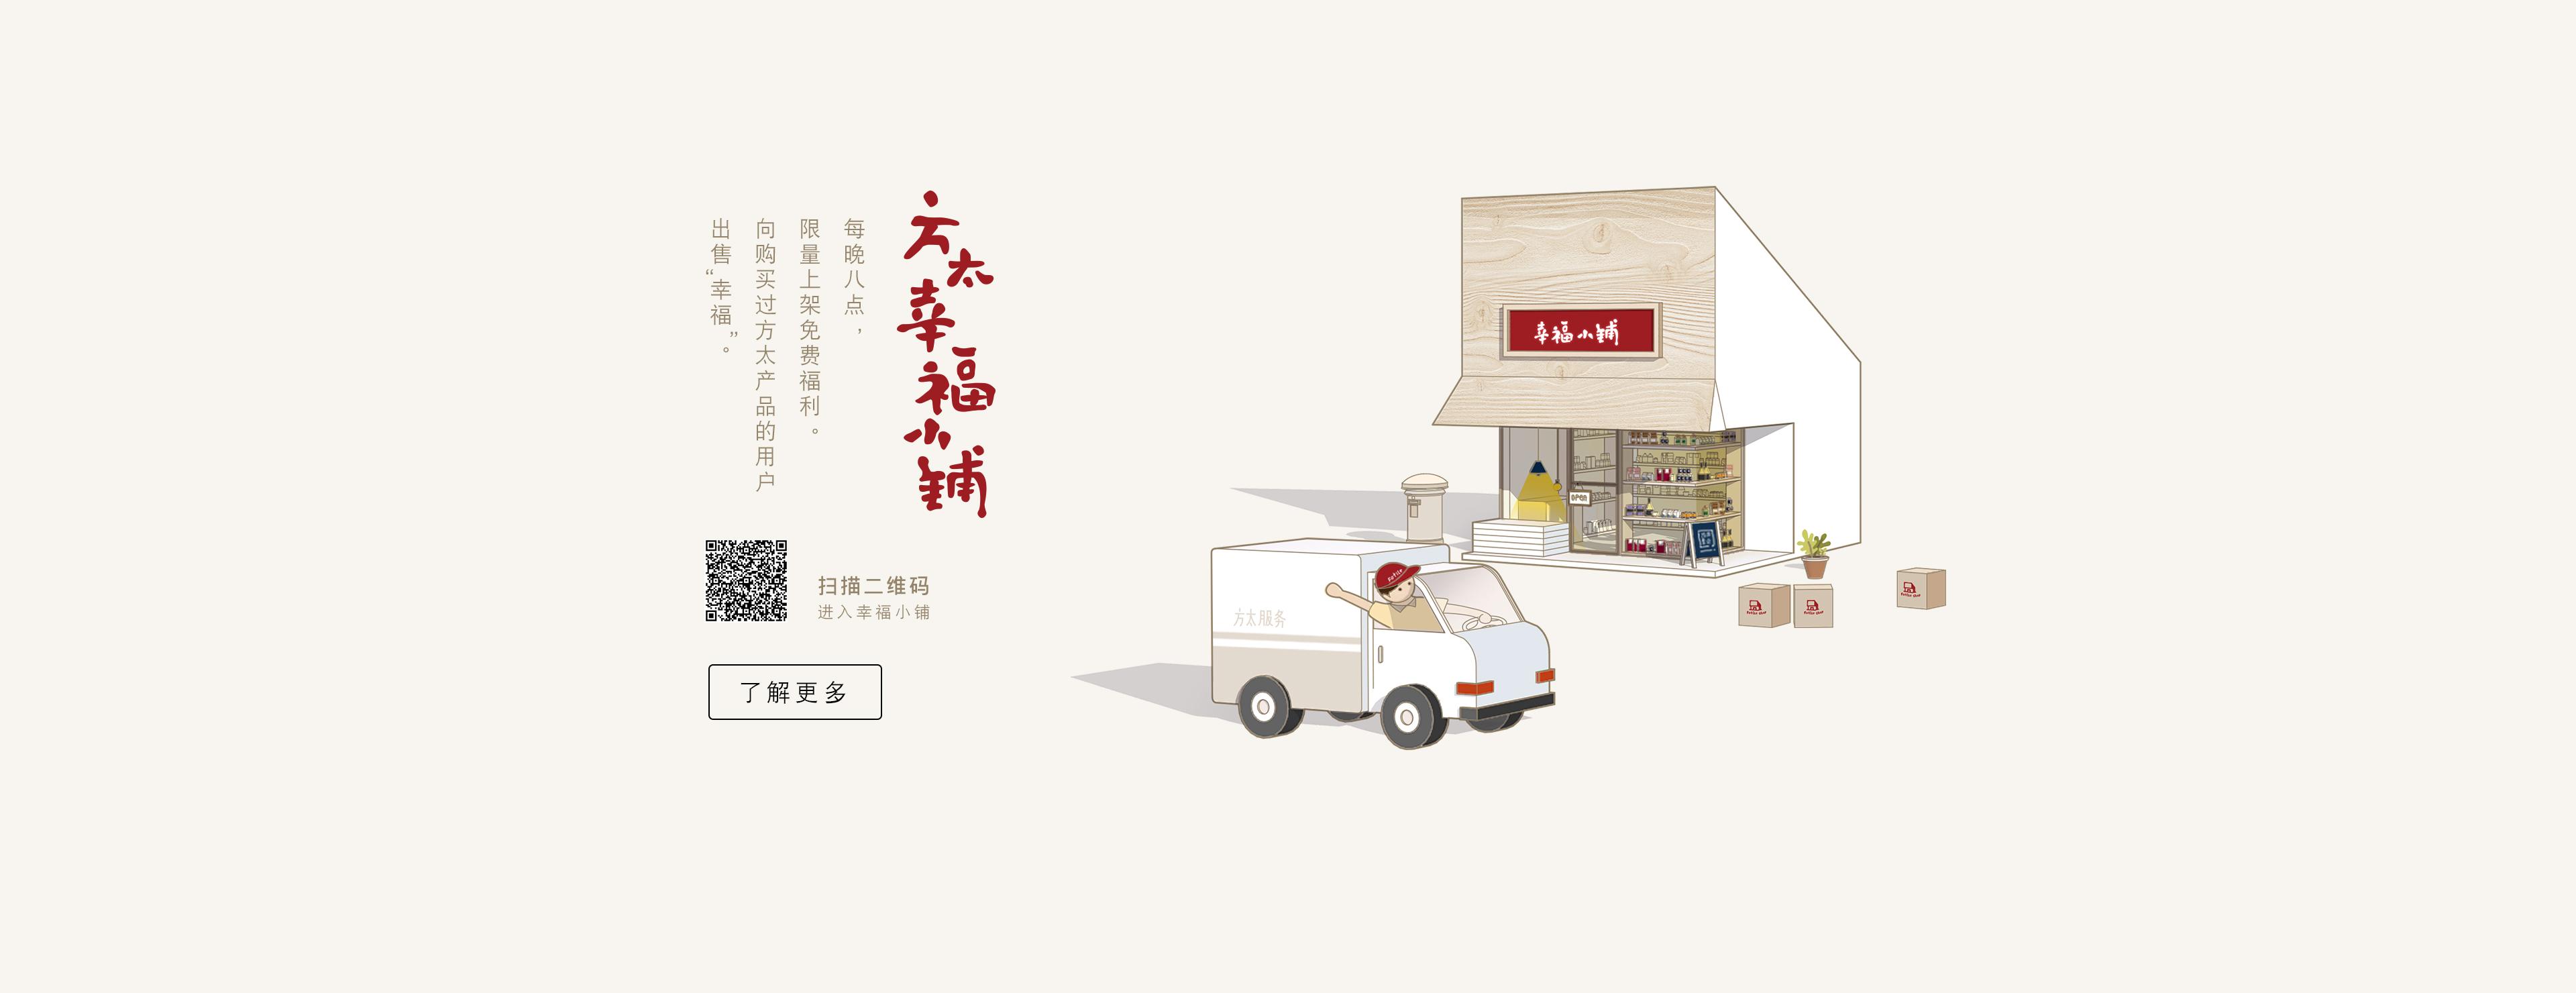 方太幸福小铺 - FOTILE方太厨房电器官方网站